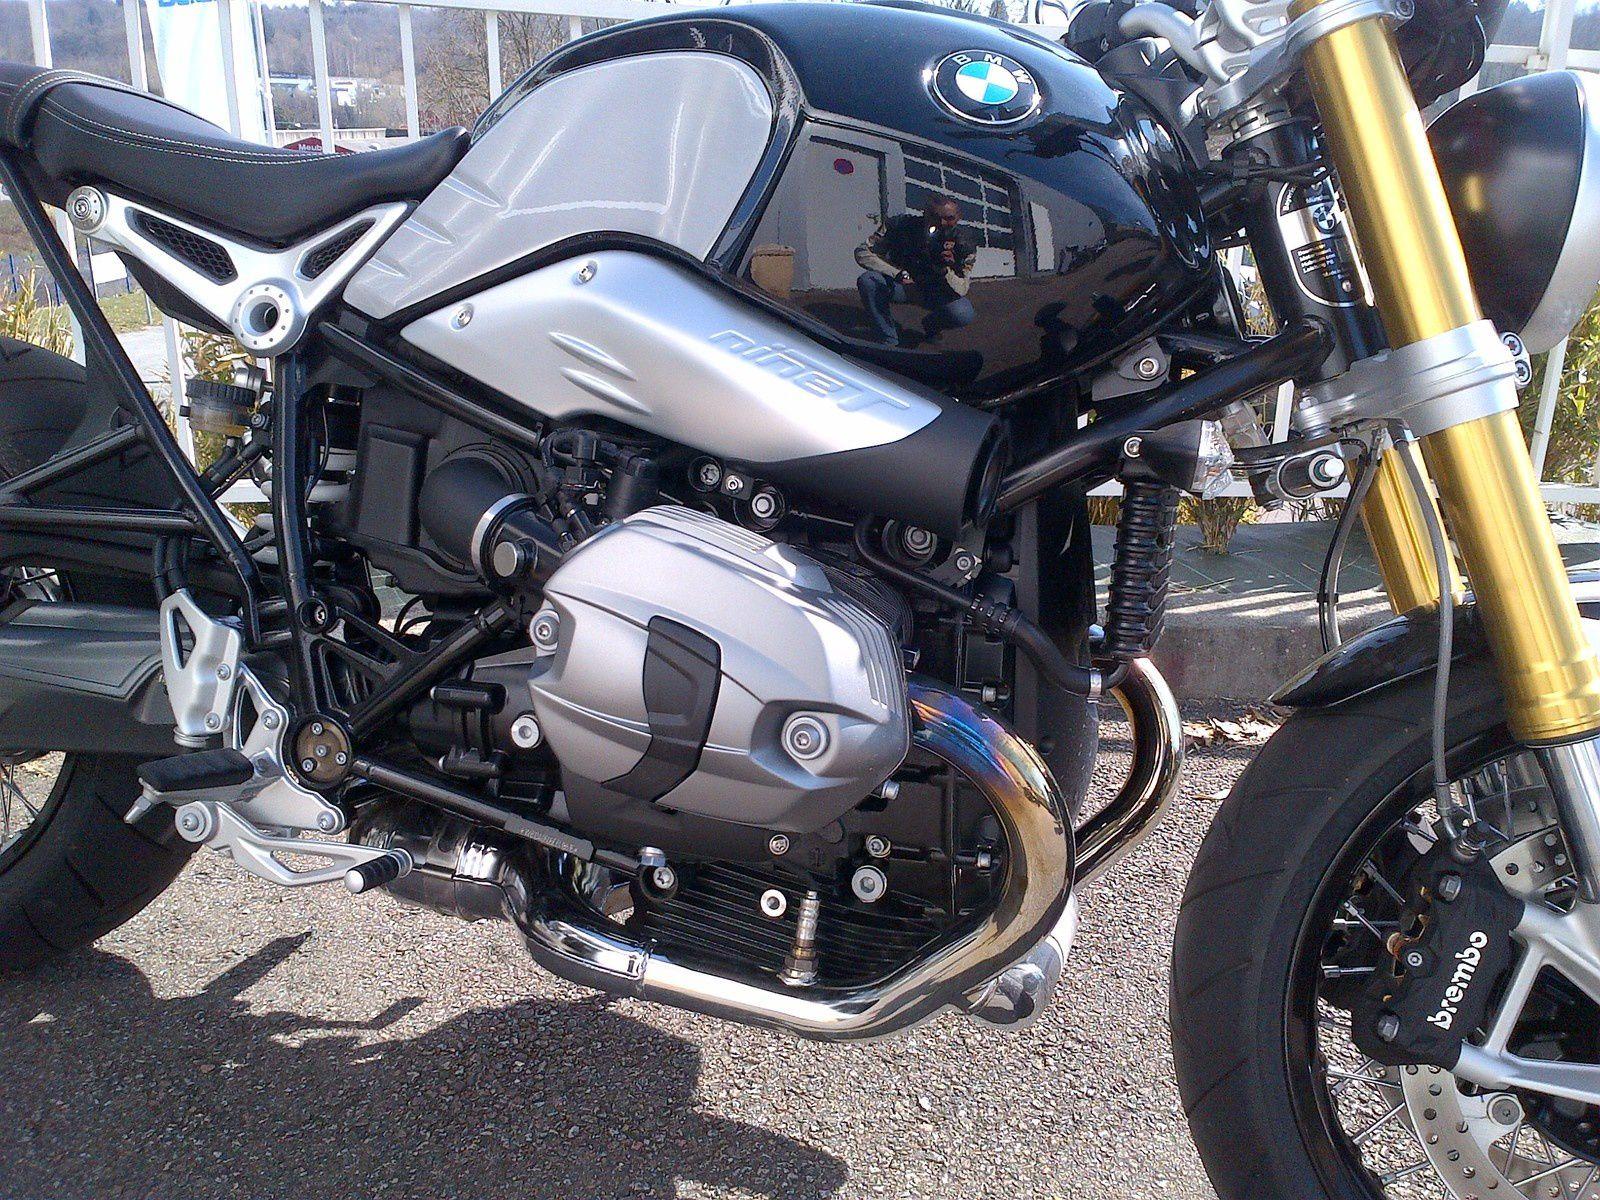 Essai BMW 1200 Nine T